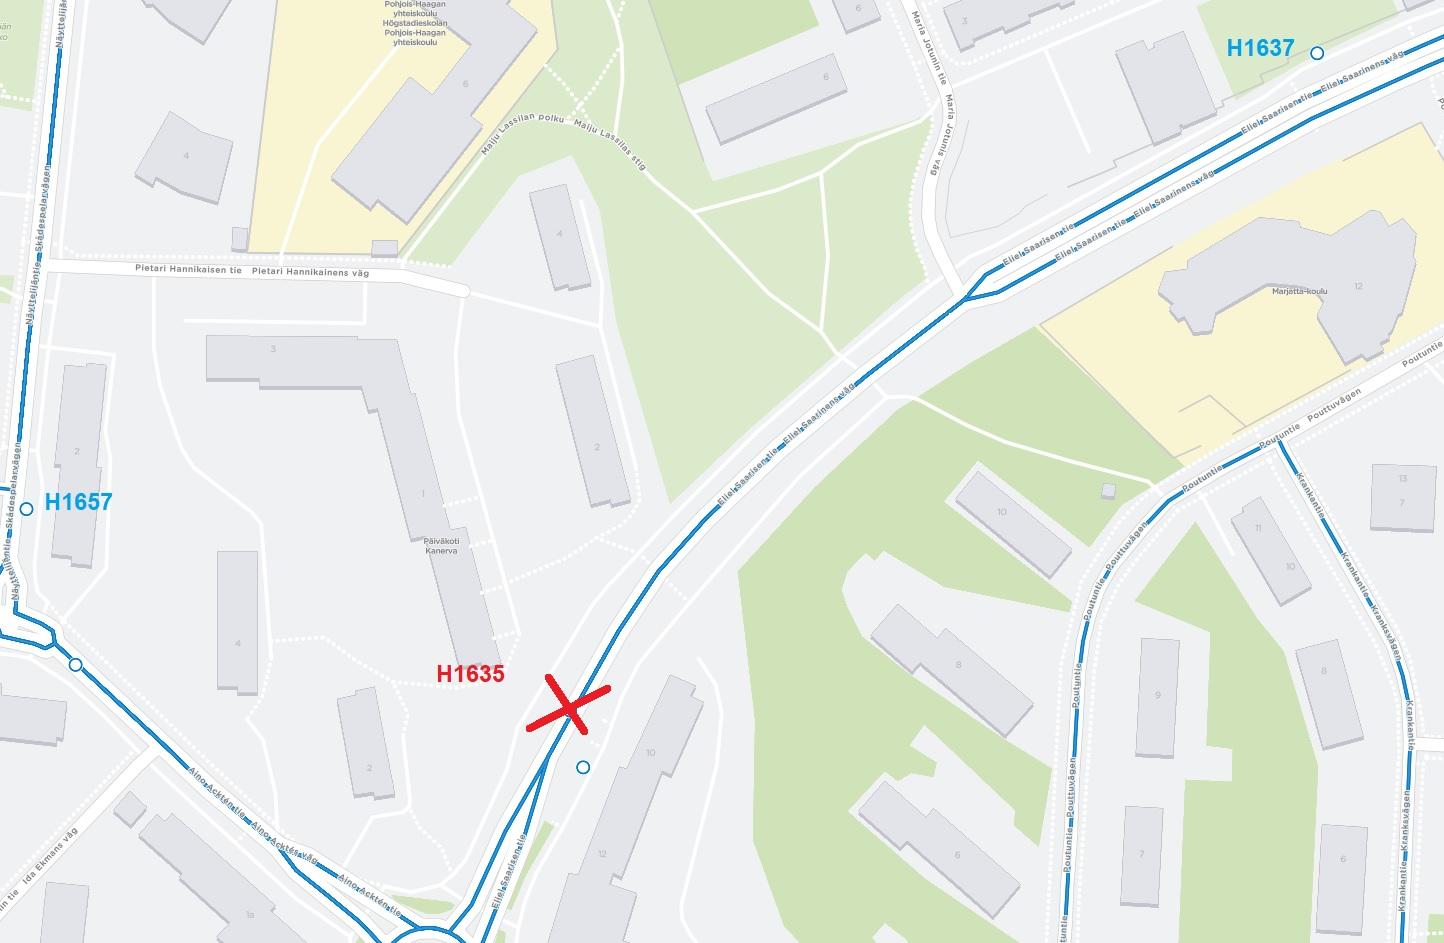 """Eliel Saarisen tie, pysäkki """"Aino Acktén tie"""" H1635 poistuu käytöstä"""